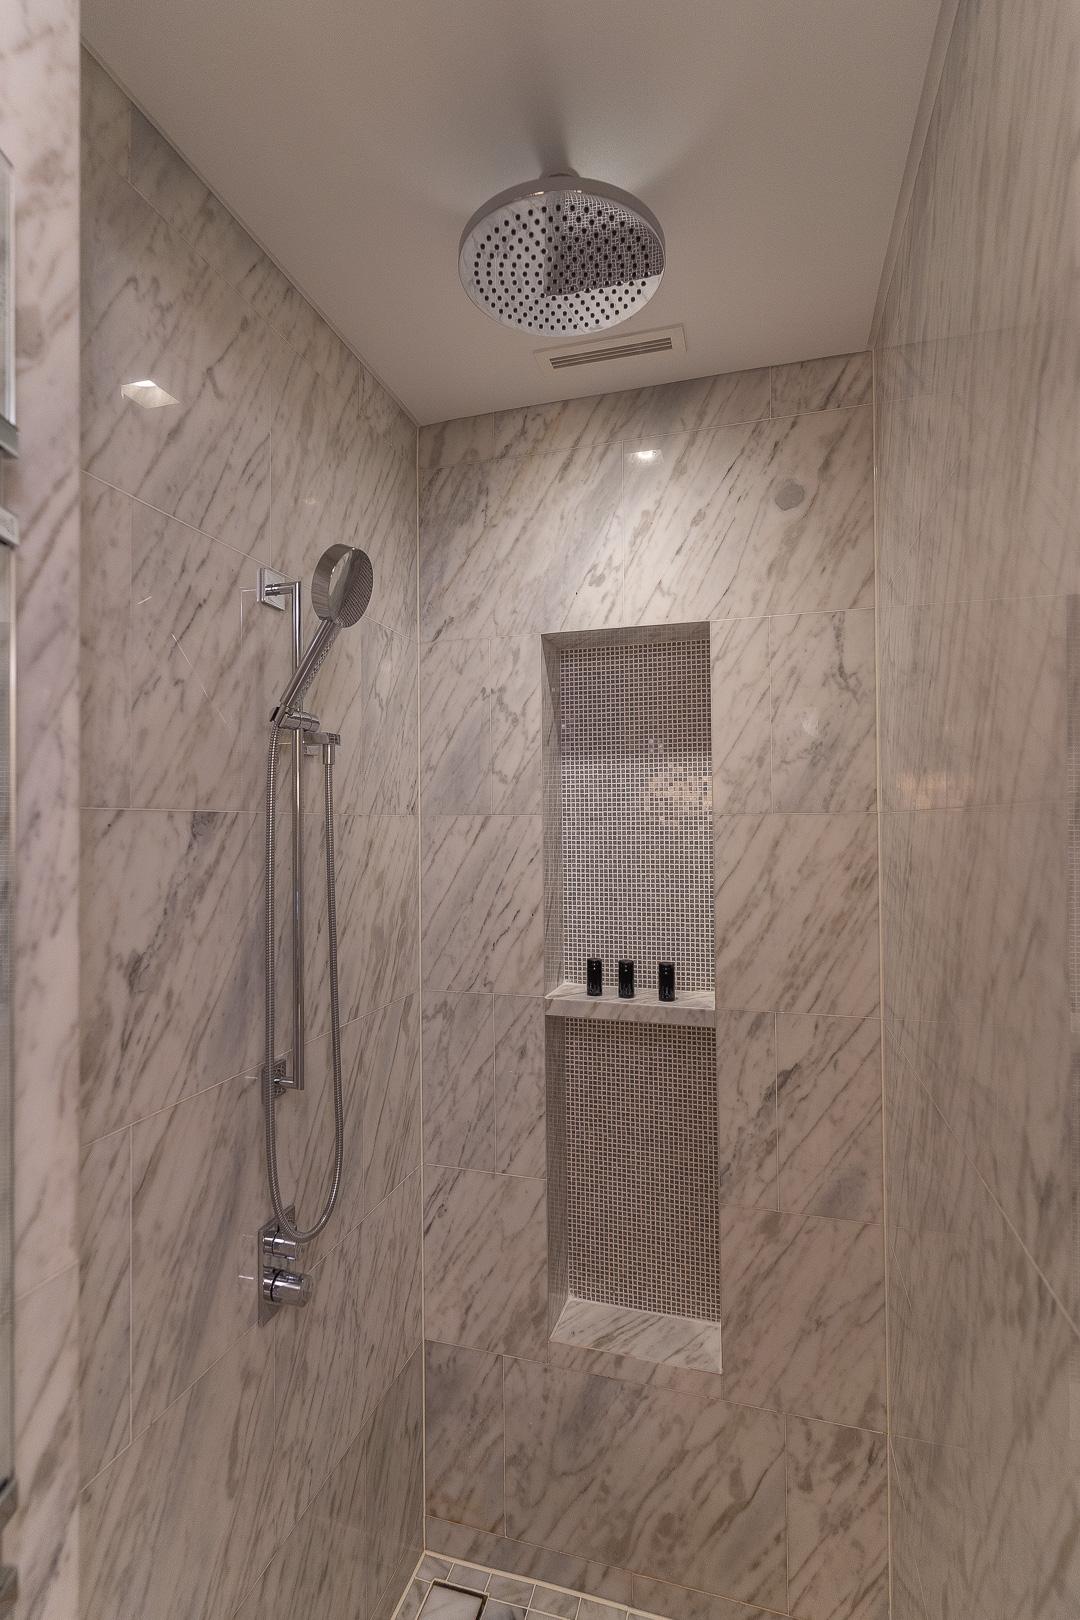 FS Jumeirah 15 - REVIEW - Four Seasons Dubai at Jumeirah Beach : Deluxe City-View Room [COVID-era]